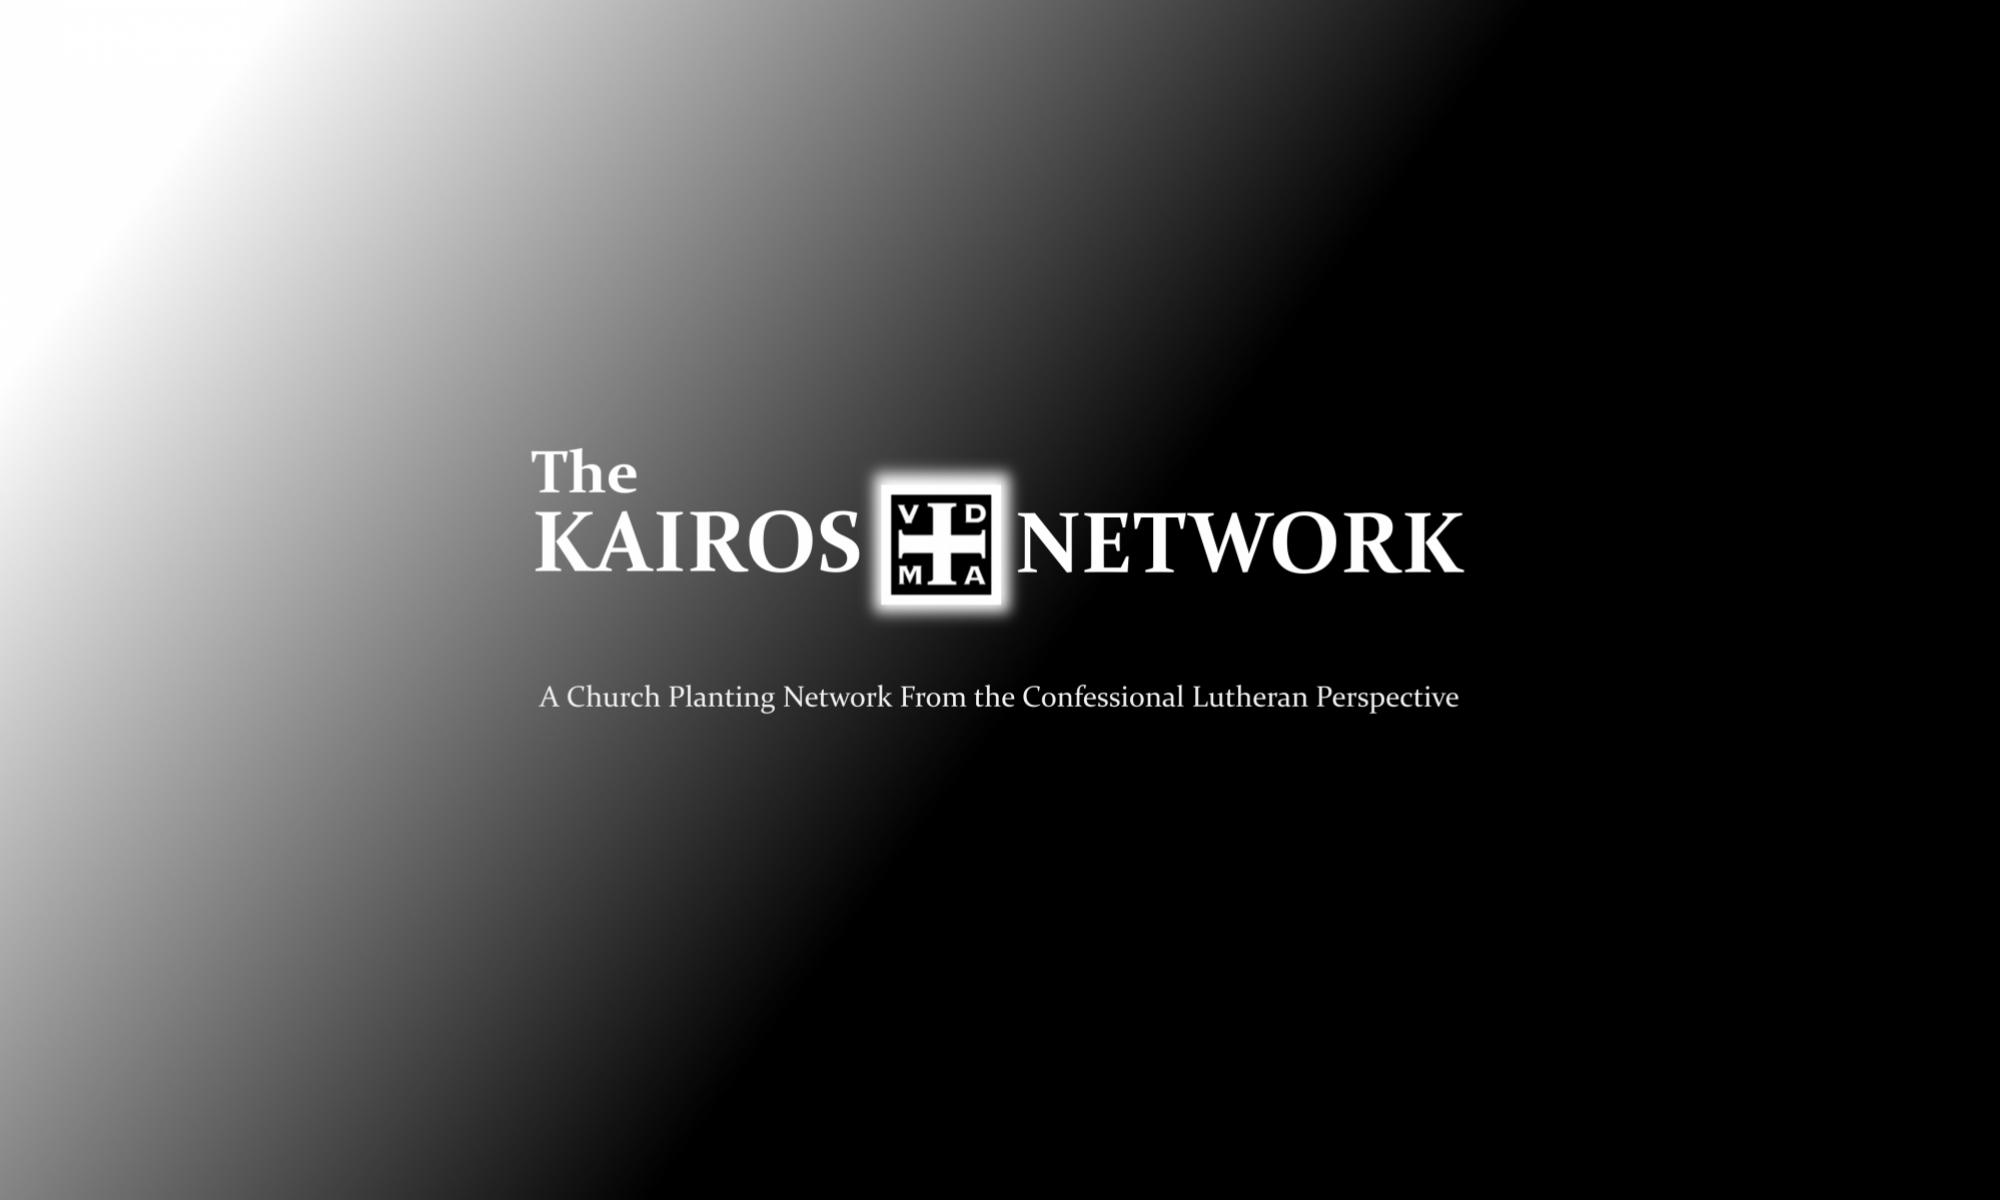 The Kairos Network